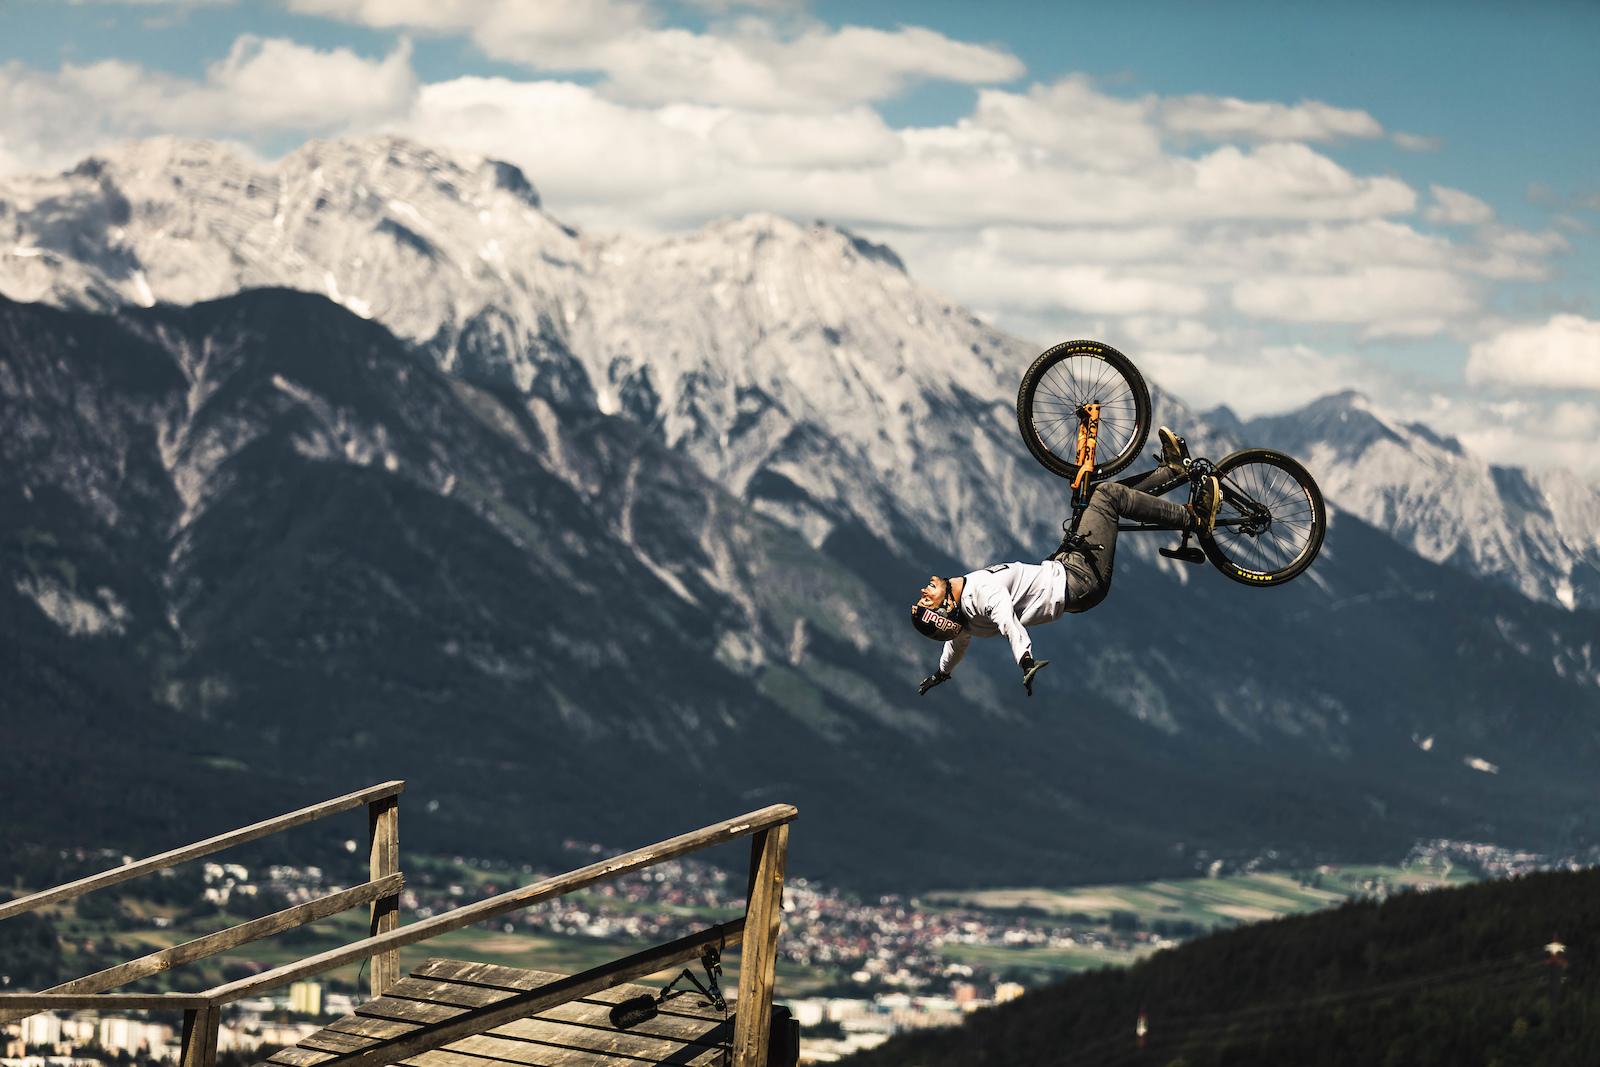 Matt Jones at Crankworx Innsbruck.